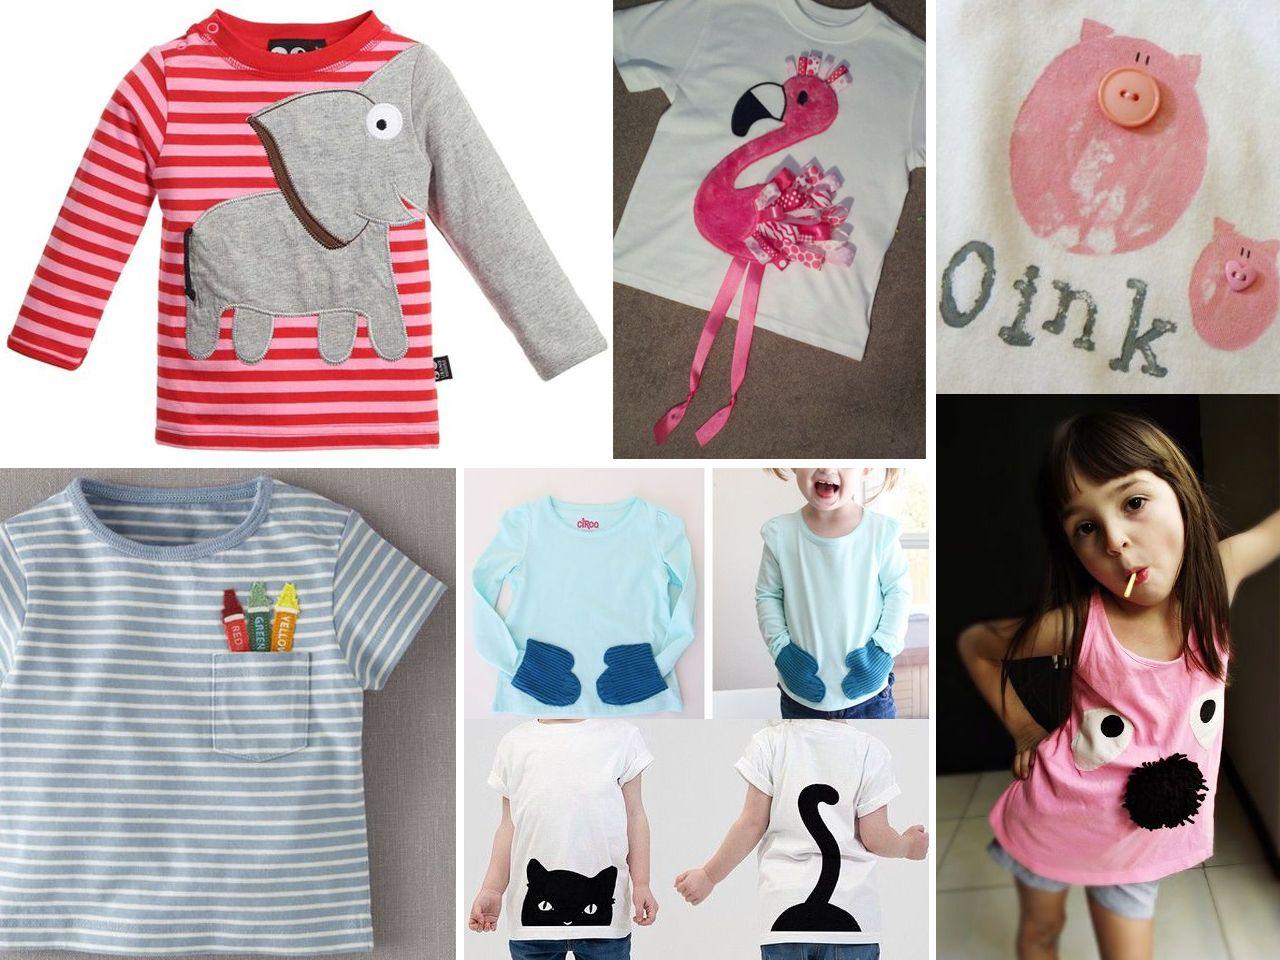 Descubre C Mo Hacer Camisetas Originales Hacer Camisetas  ~ Ideas Para Decorar Camisetas Infantiles